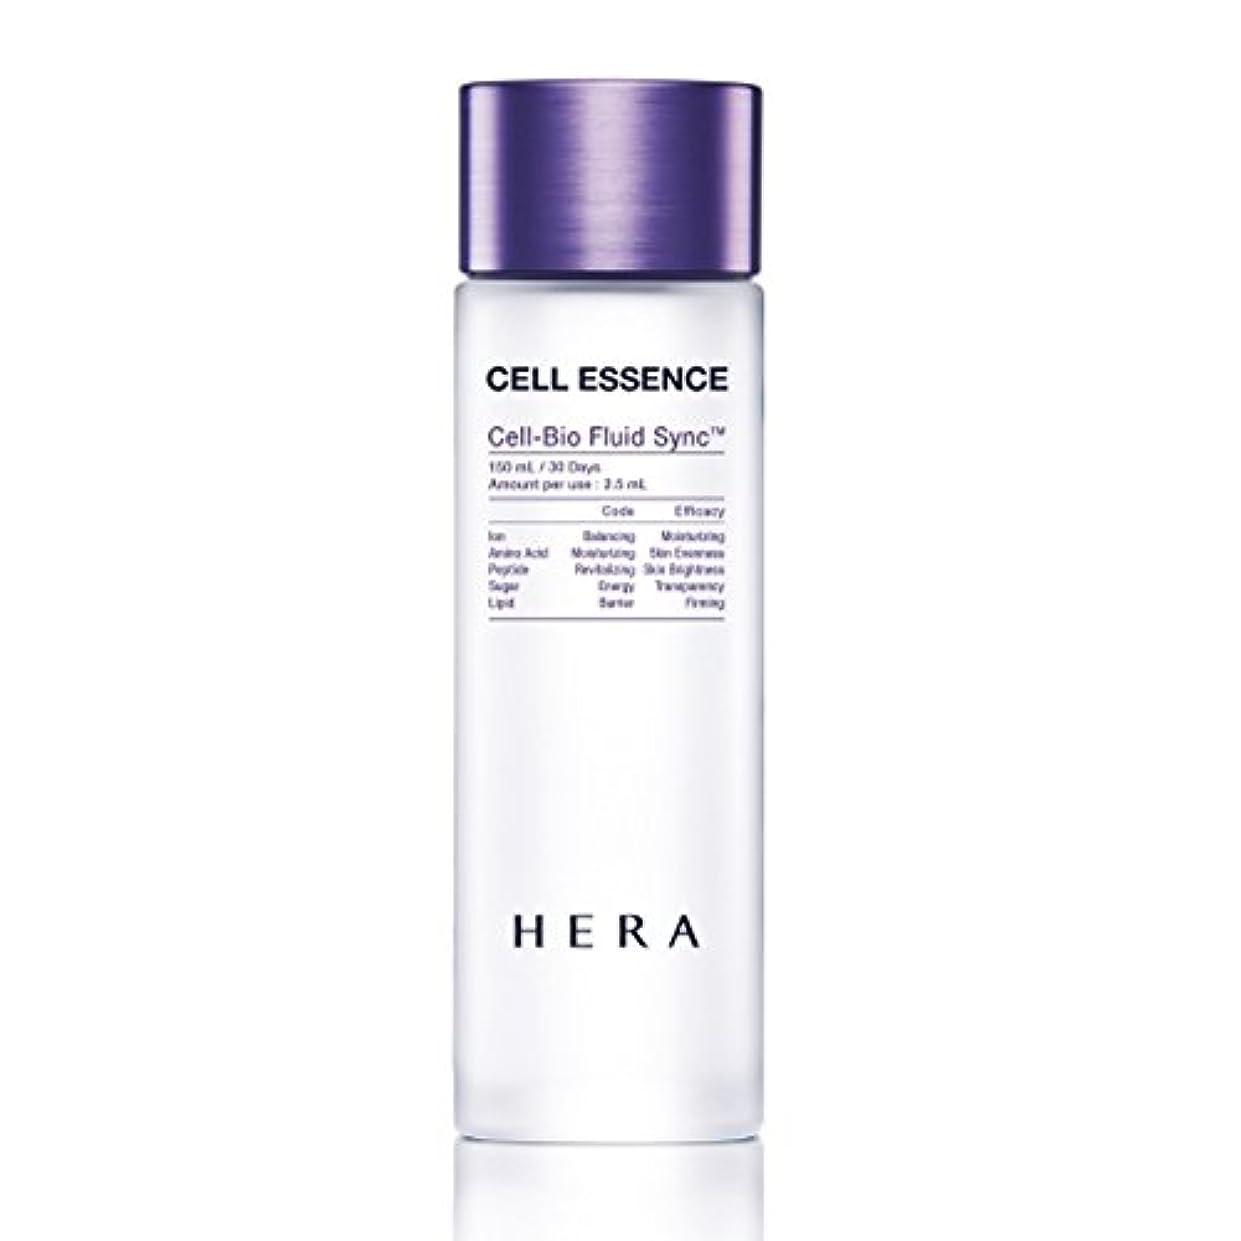 下着祈る移住する[ヘラ/HERA]HERA CELL ESSENCE/ヘラ セル エッセンス 150ml【美容液】(海外直送品)